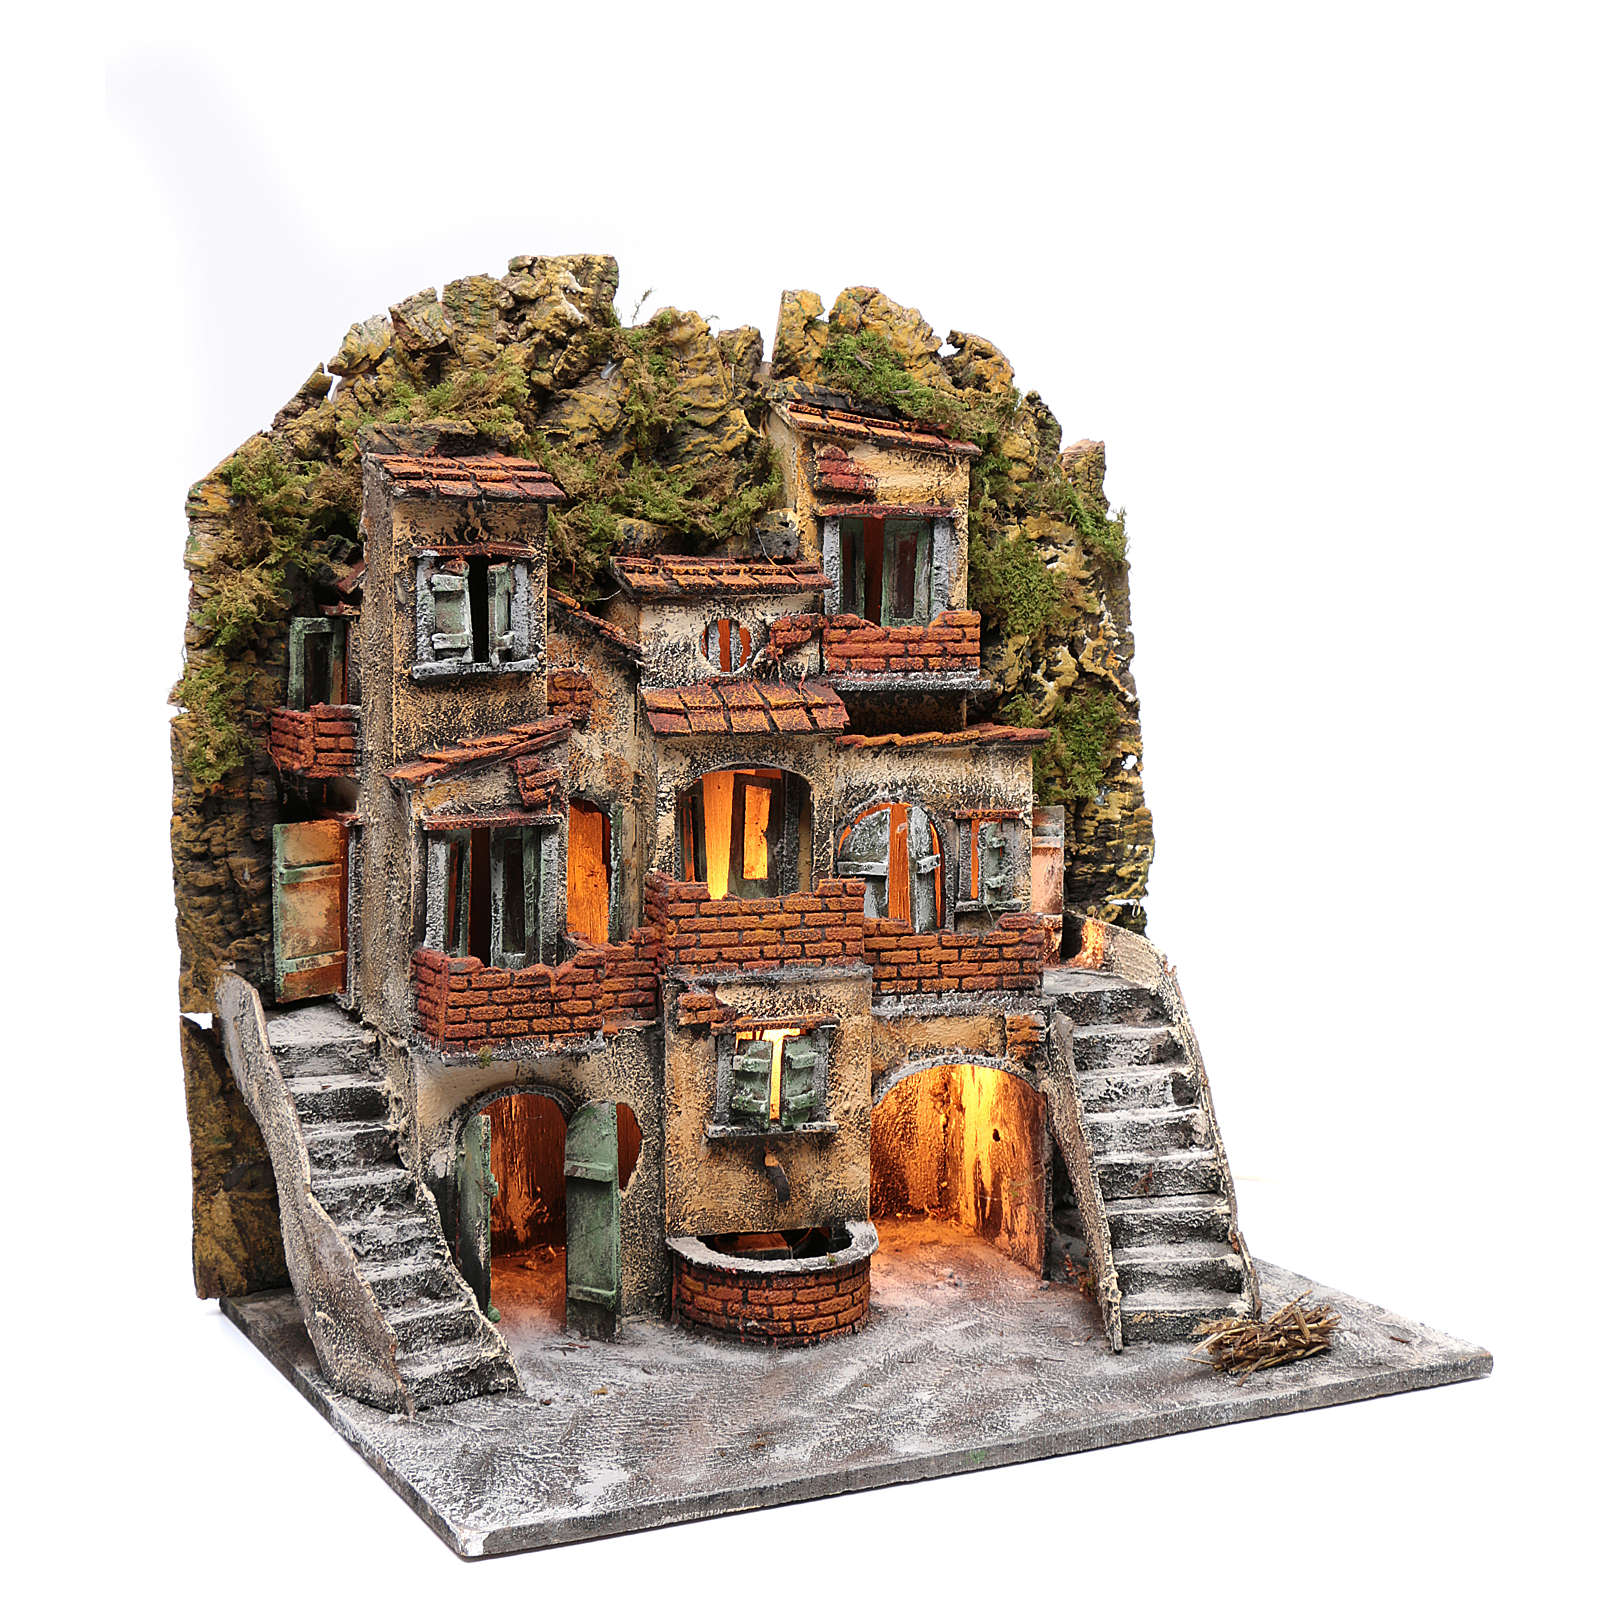 Borgo presepe Napoli illuminato 60x55x40 cm scale laterali e fontanella 4